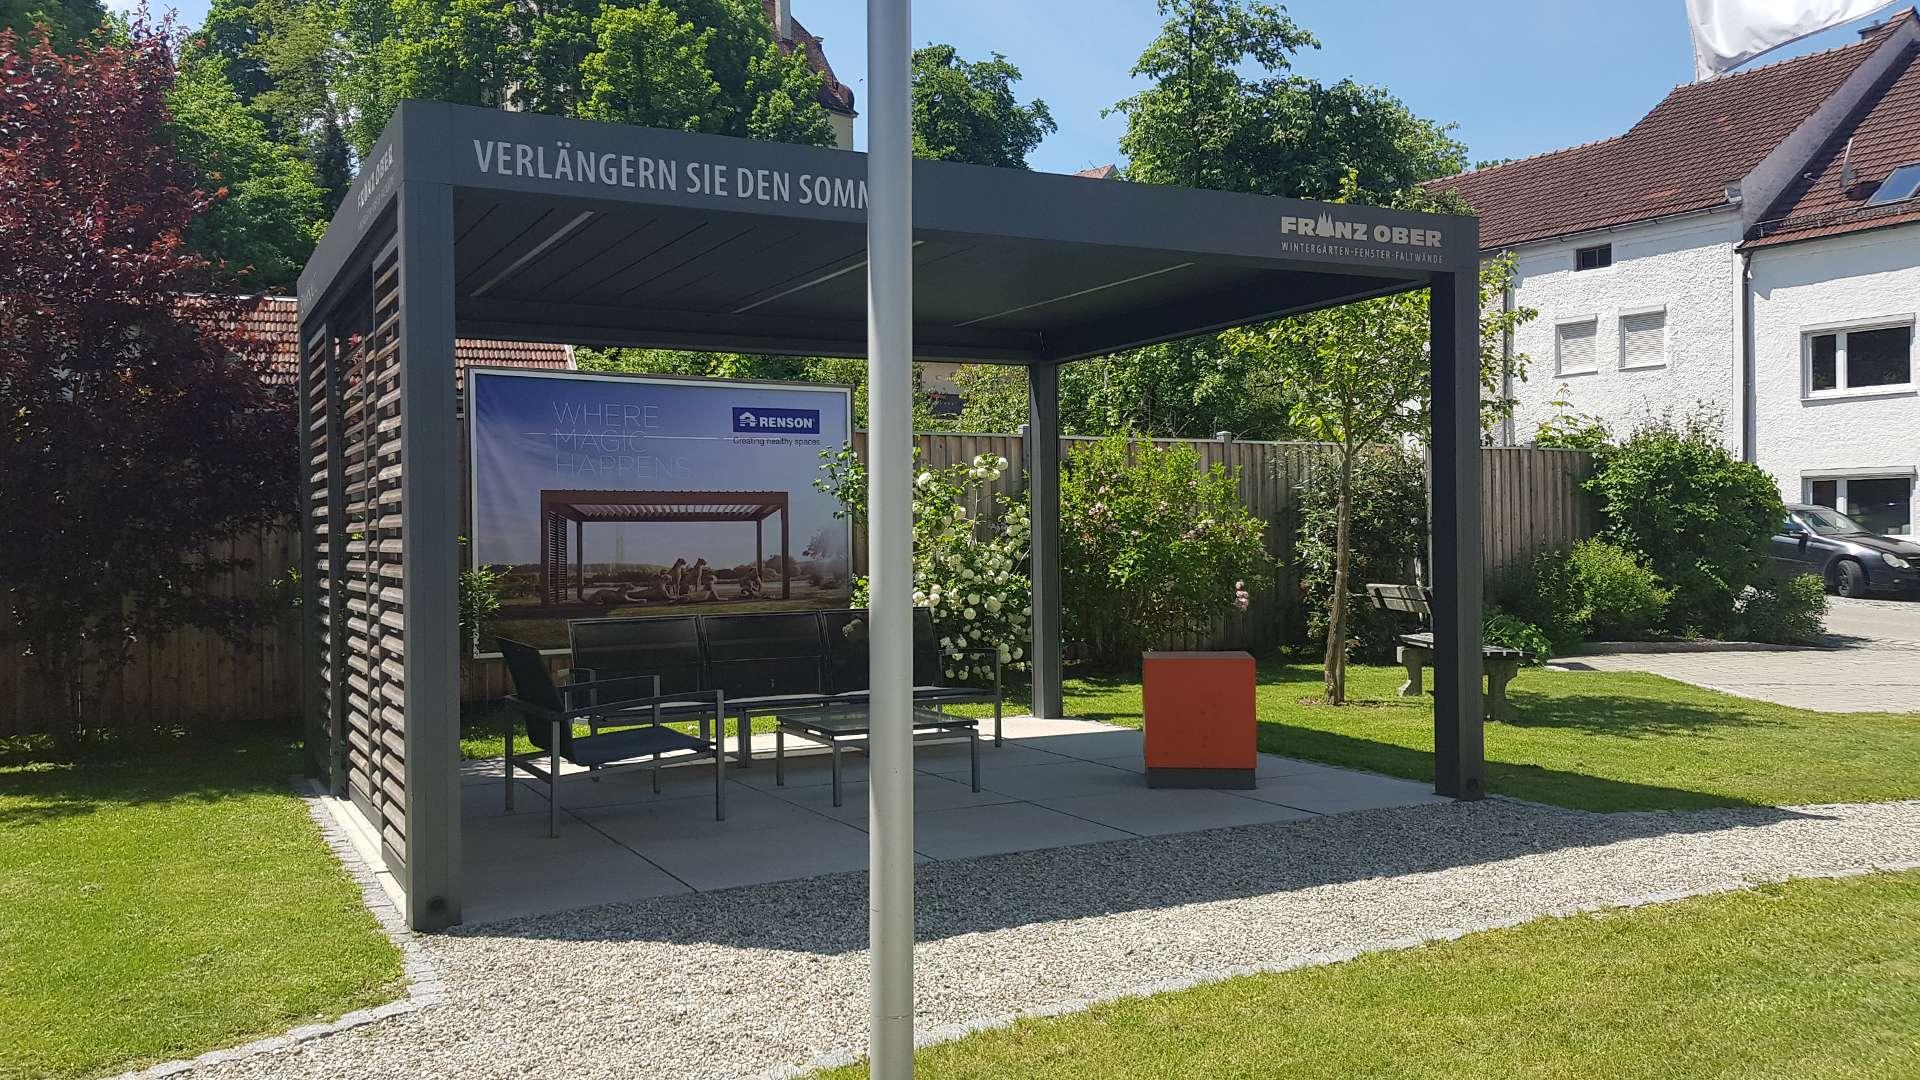 Renson Lamellendach in der Außenausstellung der Schreinerei Ober in Neuötting